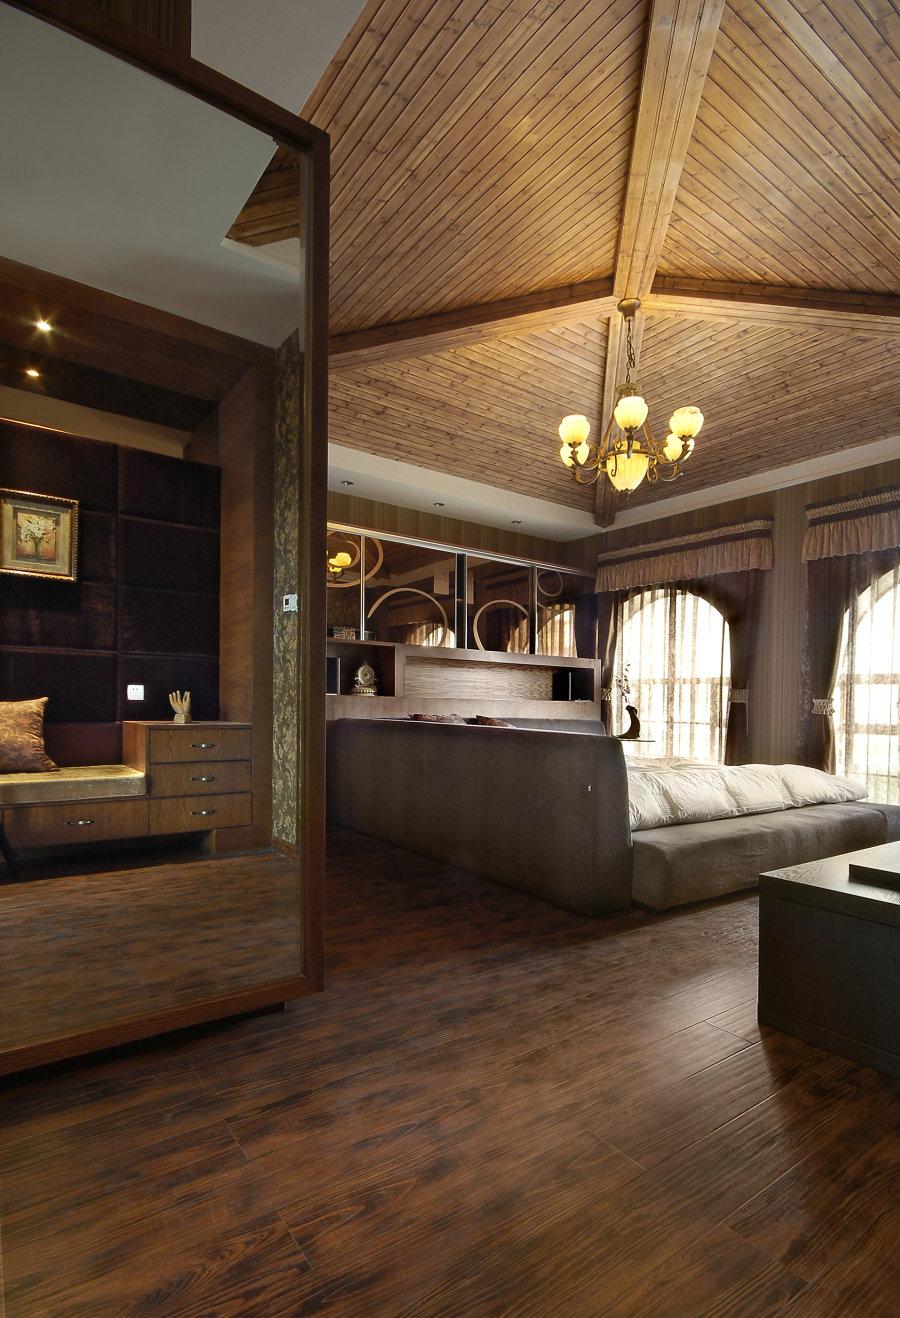 贵阳保利别墅2010公园装修设计案例|室内设计海滩红别墅图片